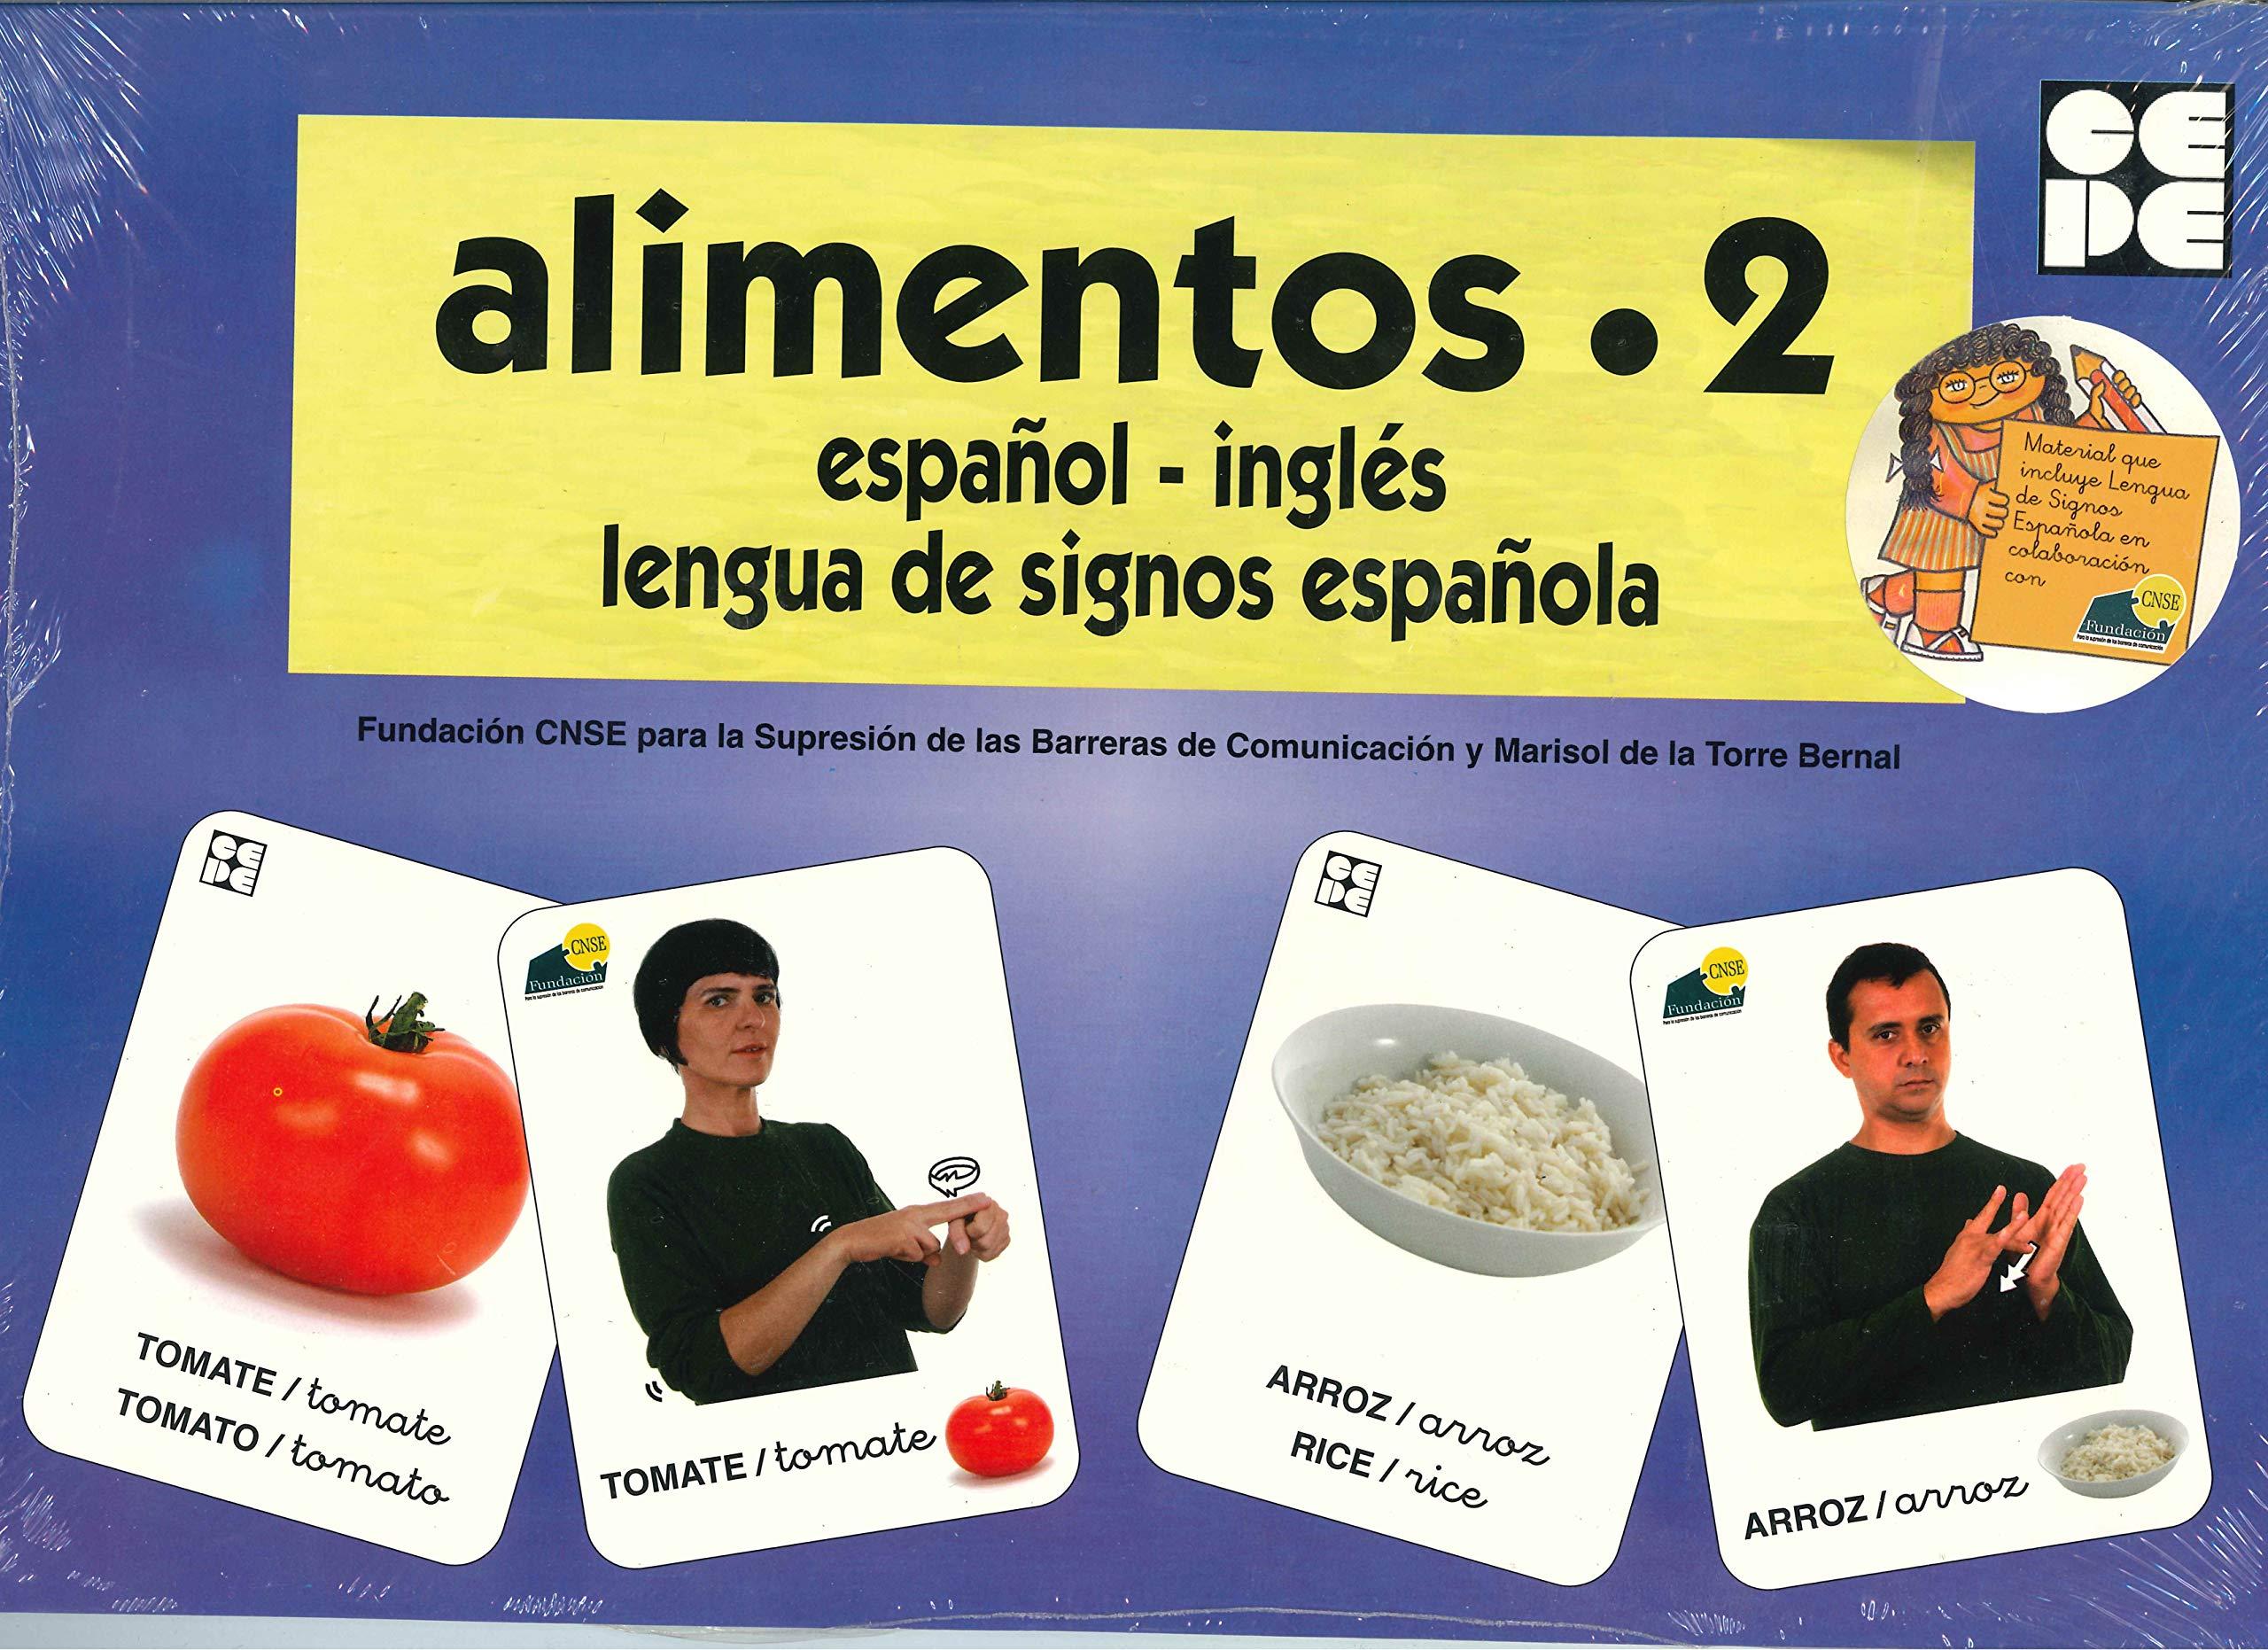 Vocabulario fotográfico elemental - Alimentos 2 verduras Vocabulario fotográfico elemental español,inglés,lengua de signos española: Amazon.es: CNSE, Fundación, de la Torre Bernal, Marisol: Libros